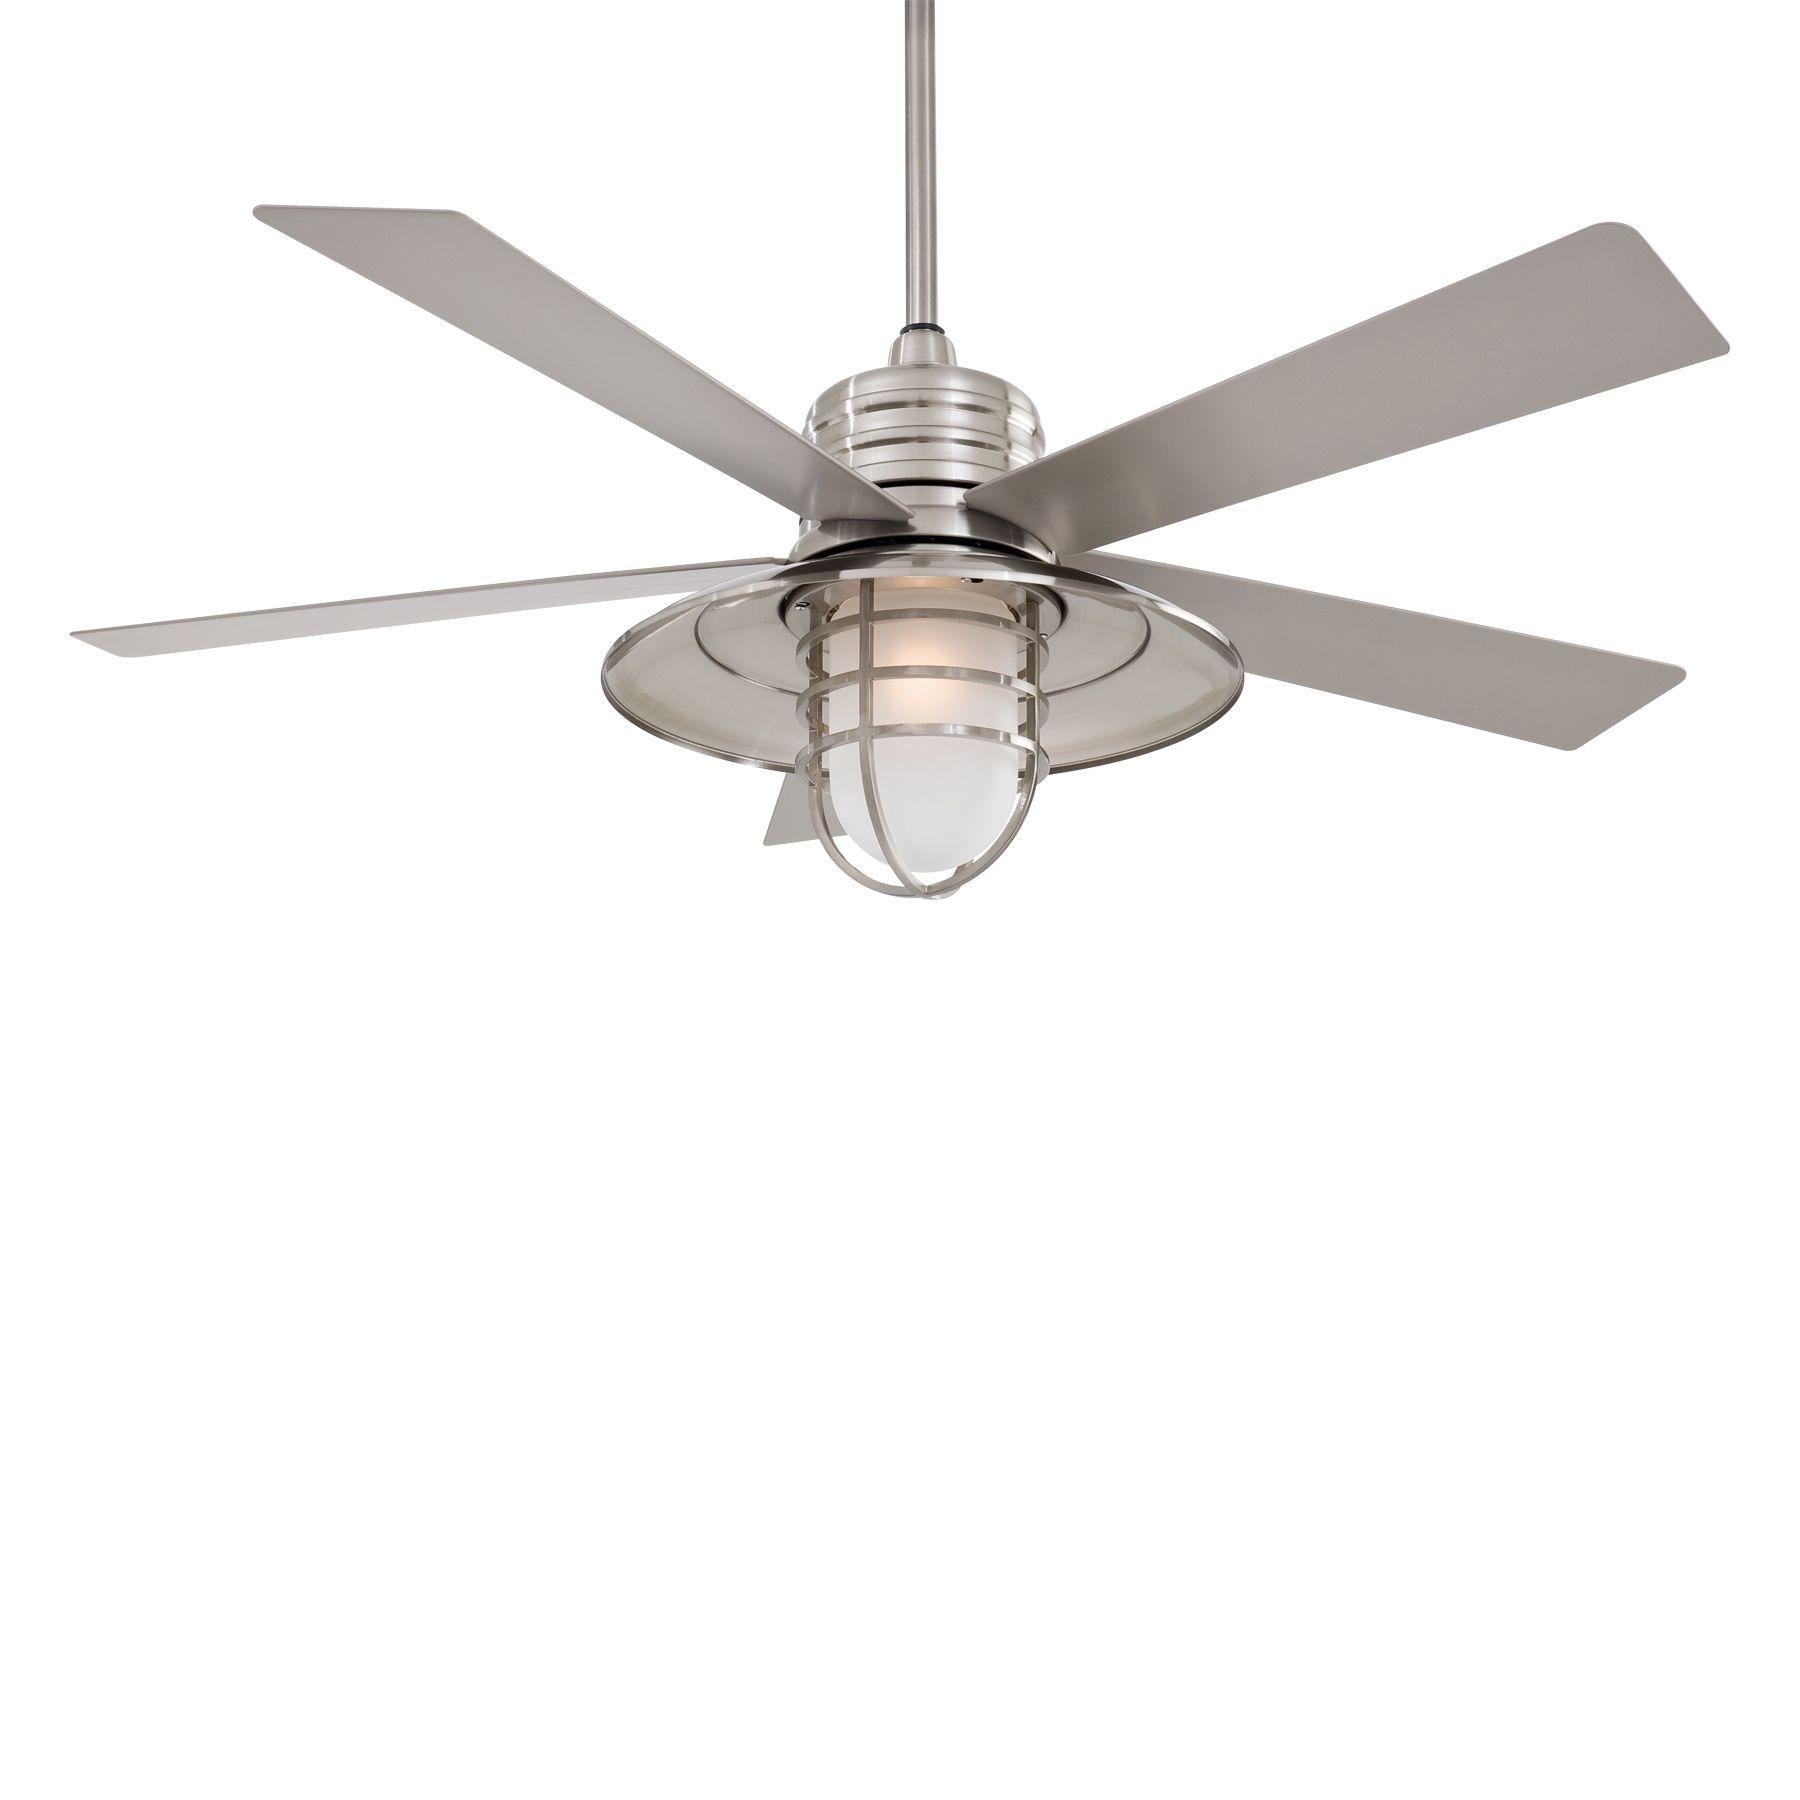 Rainman Ceiling Fan By Minka Aire Ceiling Fan Ceiling Fan With Light Brushed Nickel Ceiling Fan